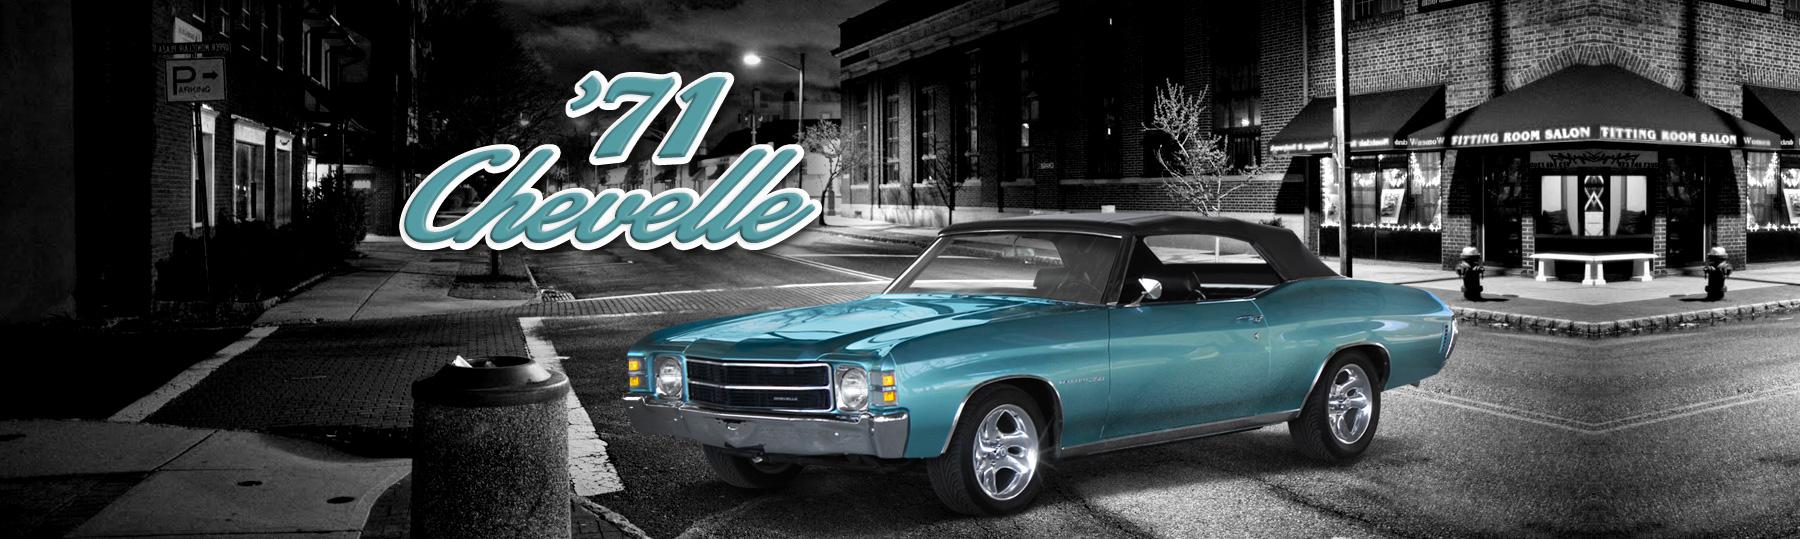 Fineline-71-Chevelle-header-1